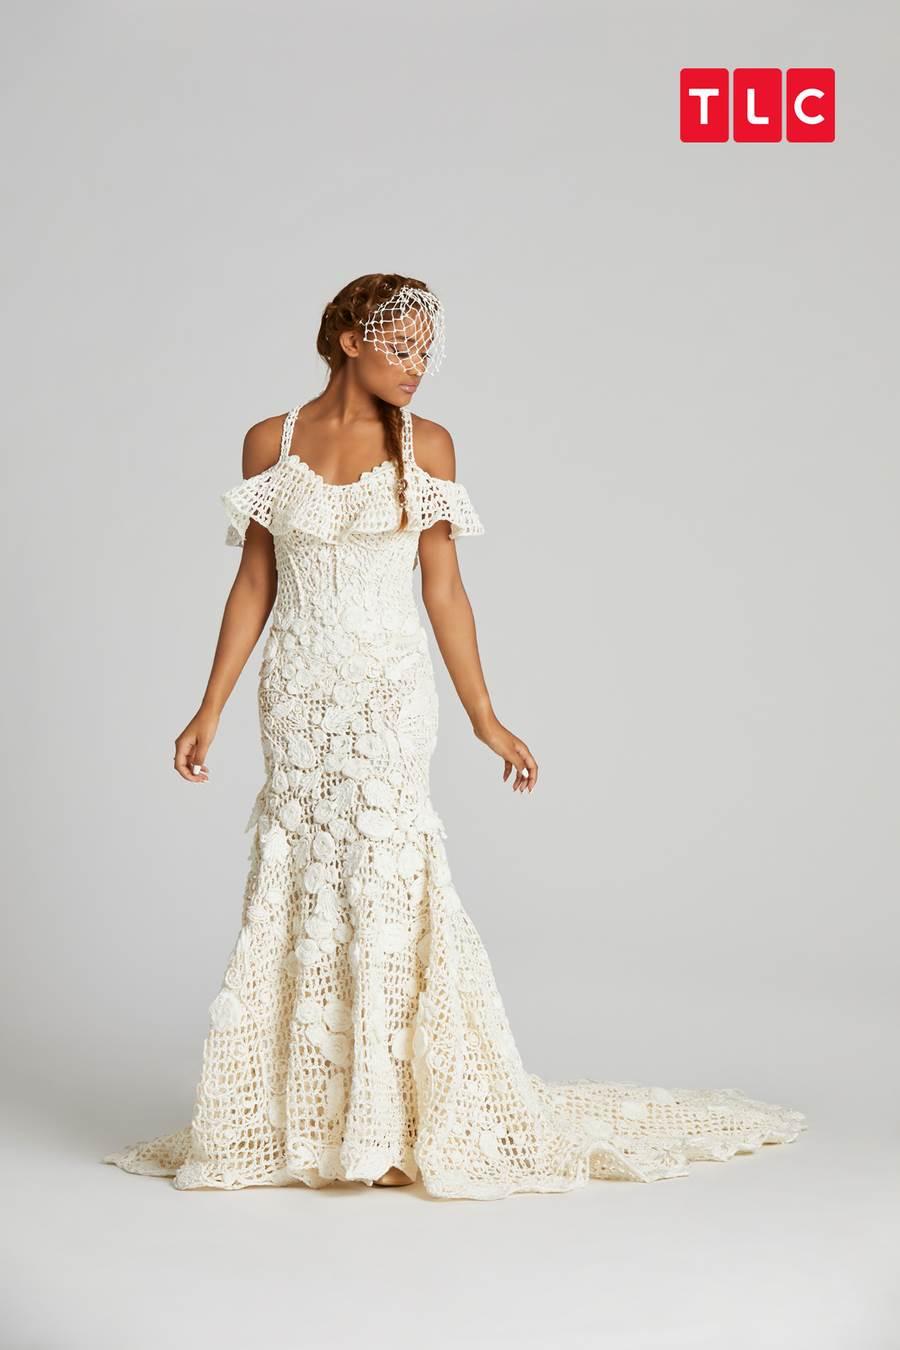 冠軍瑪莫莎製作的露肩低胸婚紗做工細緻,織線是以廁紙一條條搓成,再用鉤針織妥。(圖取自TLC旅遊生活頻道官網)